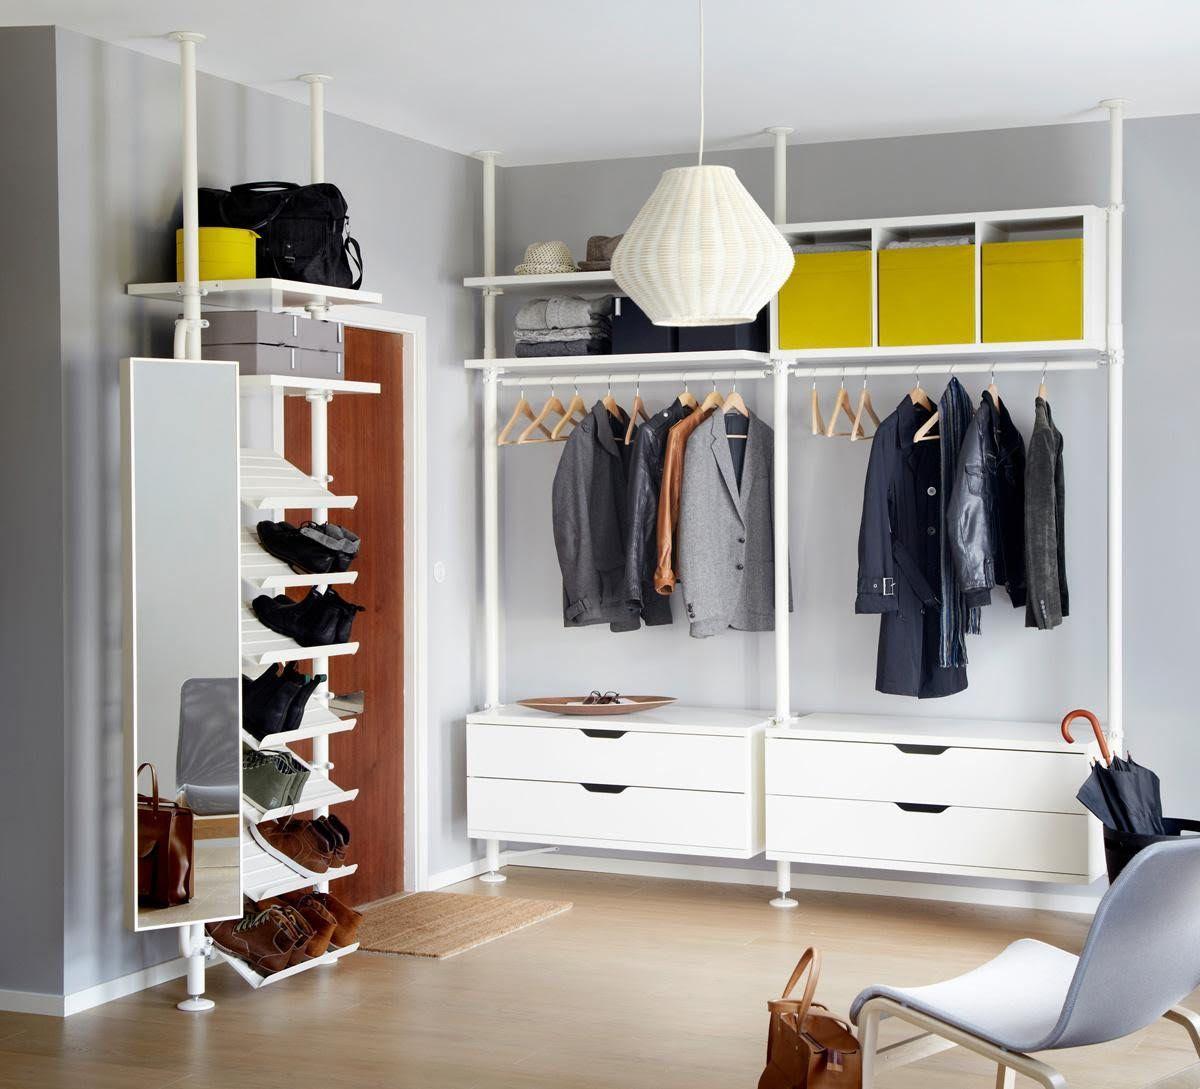 Awesome Begehbarer Kleiderschrank Innenausstattung und Schiebet ren System Stolmen von Ikea